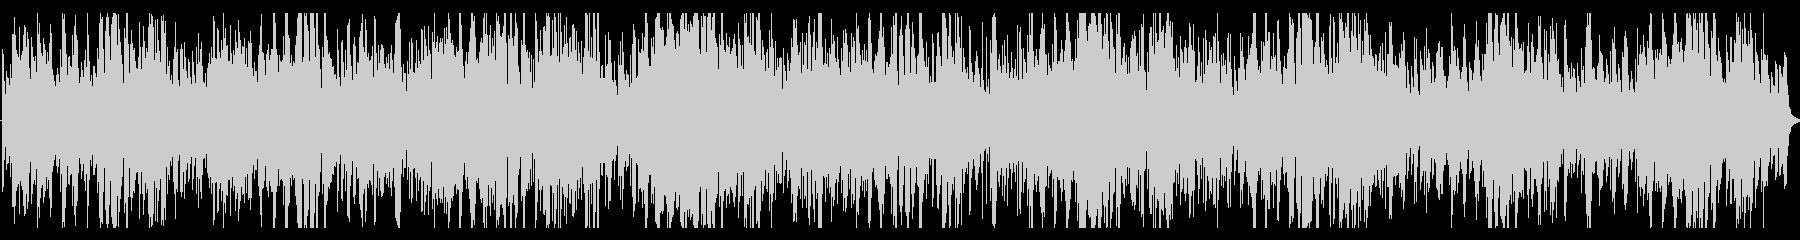 アンビエントでディストピア的なピアノ曲の未再生の波形